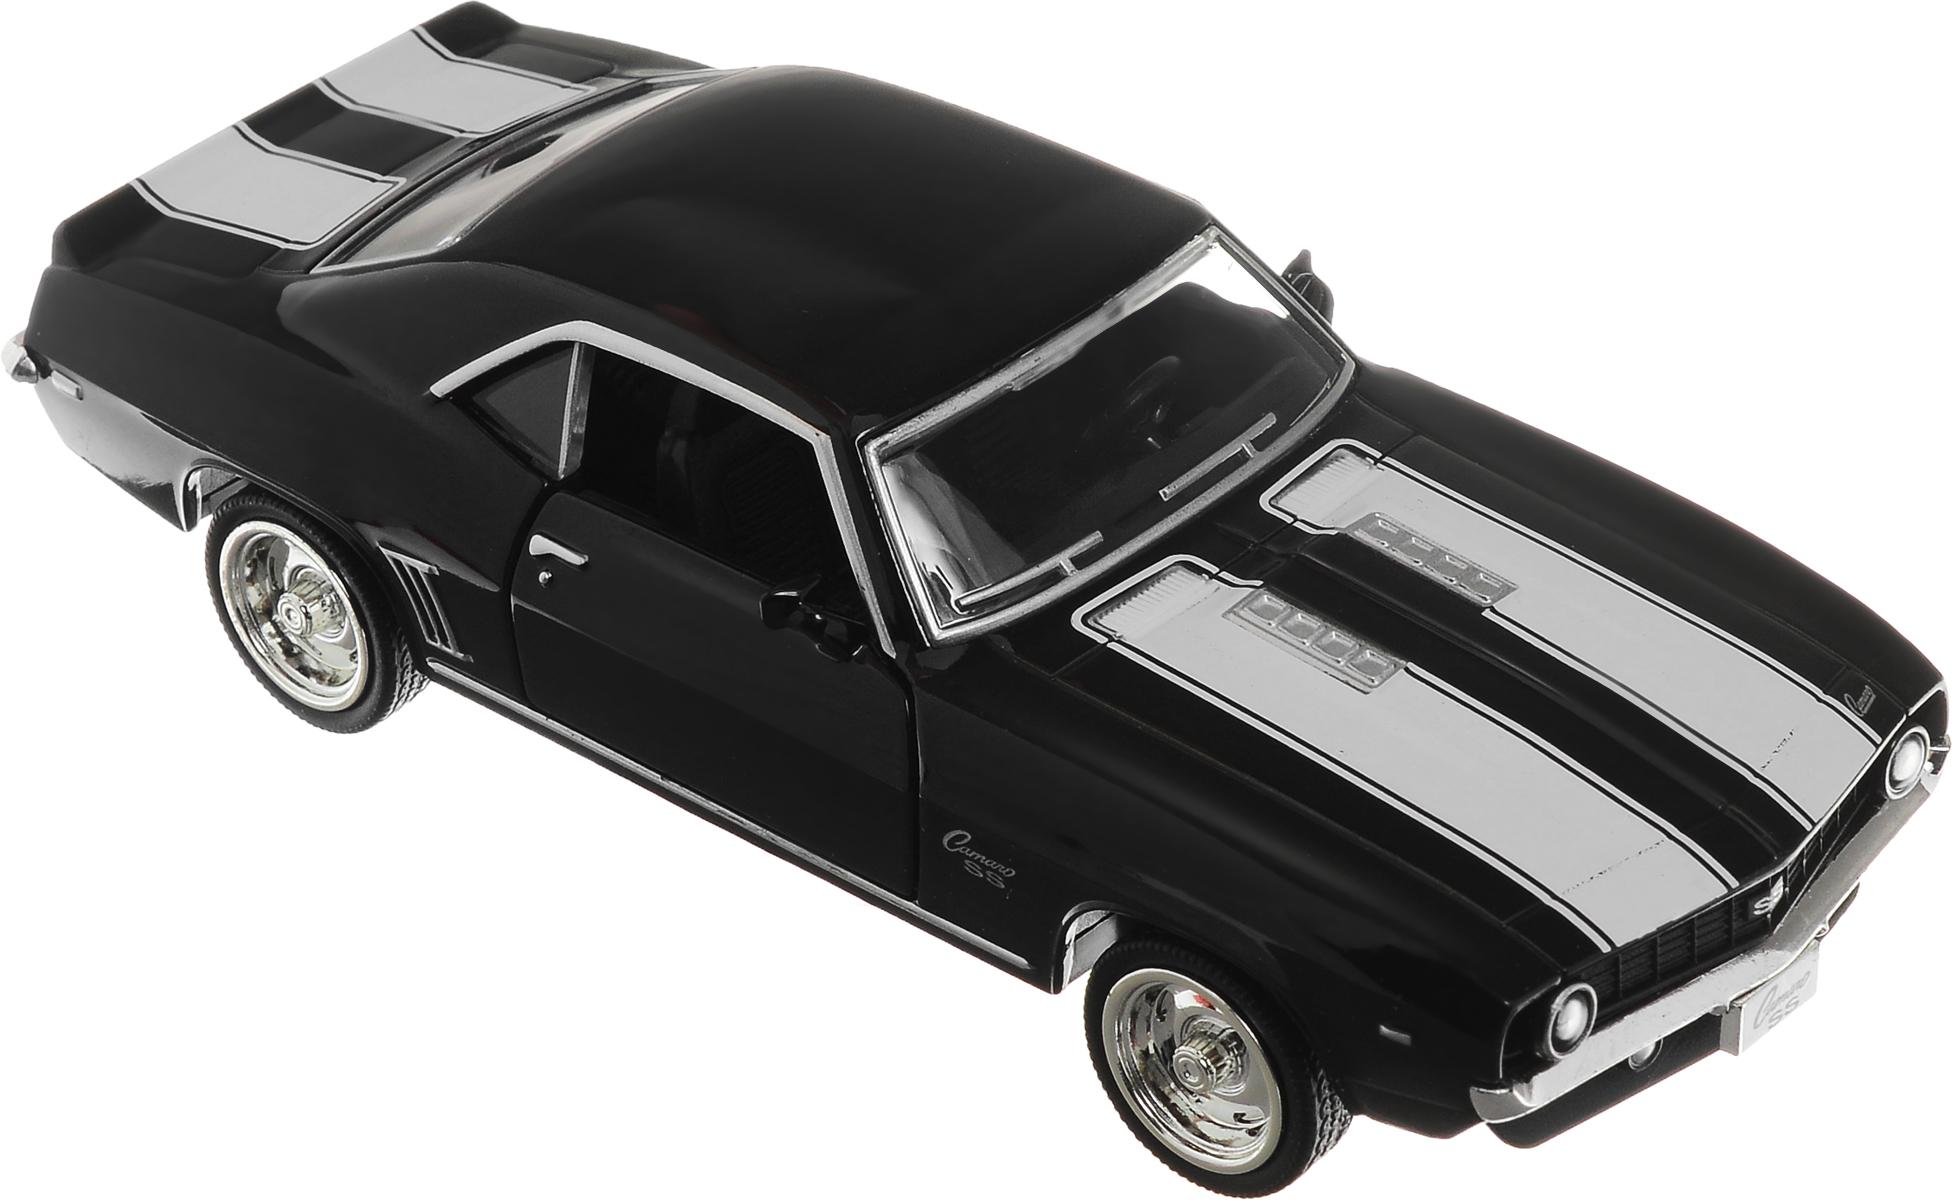 Рыжий Кот Модель автомобиля Chevrolet Camaro SS машинка chevrolet camaro 1969 imperial black edition 49924